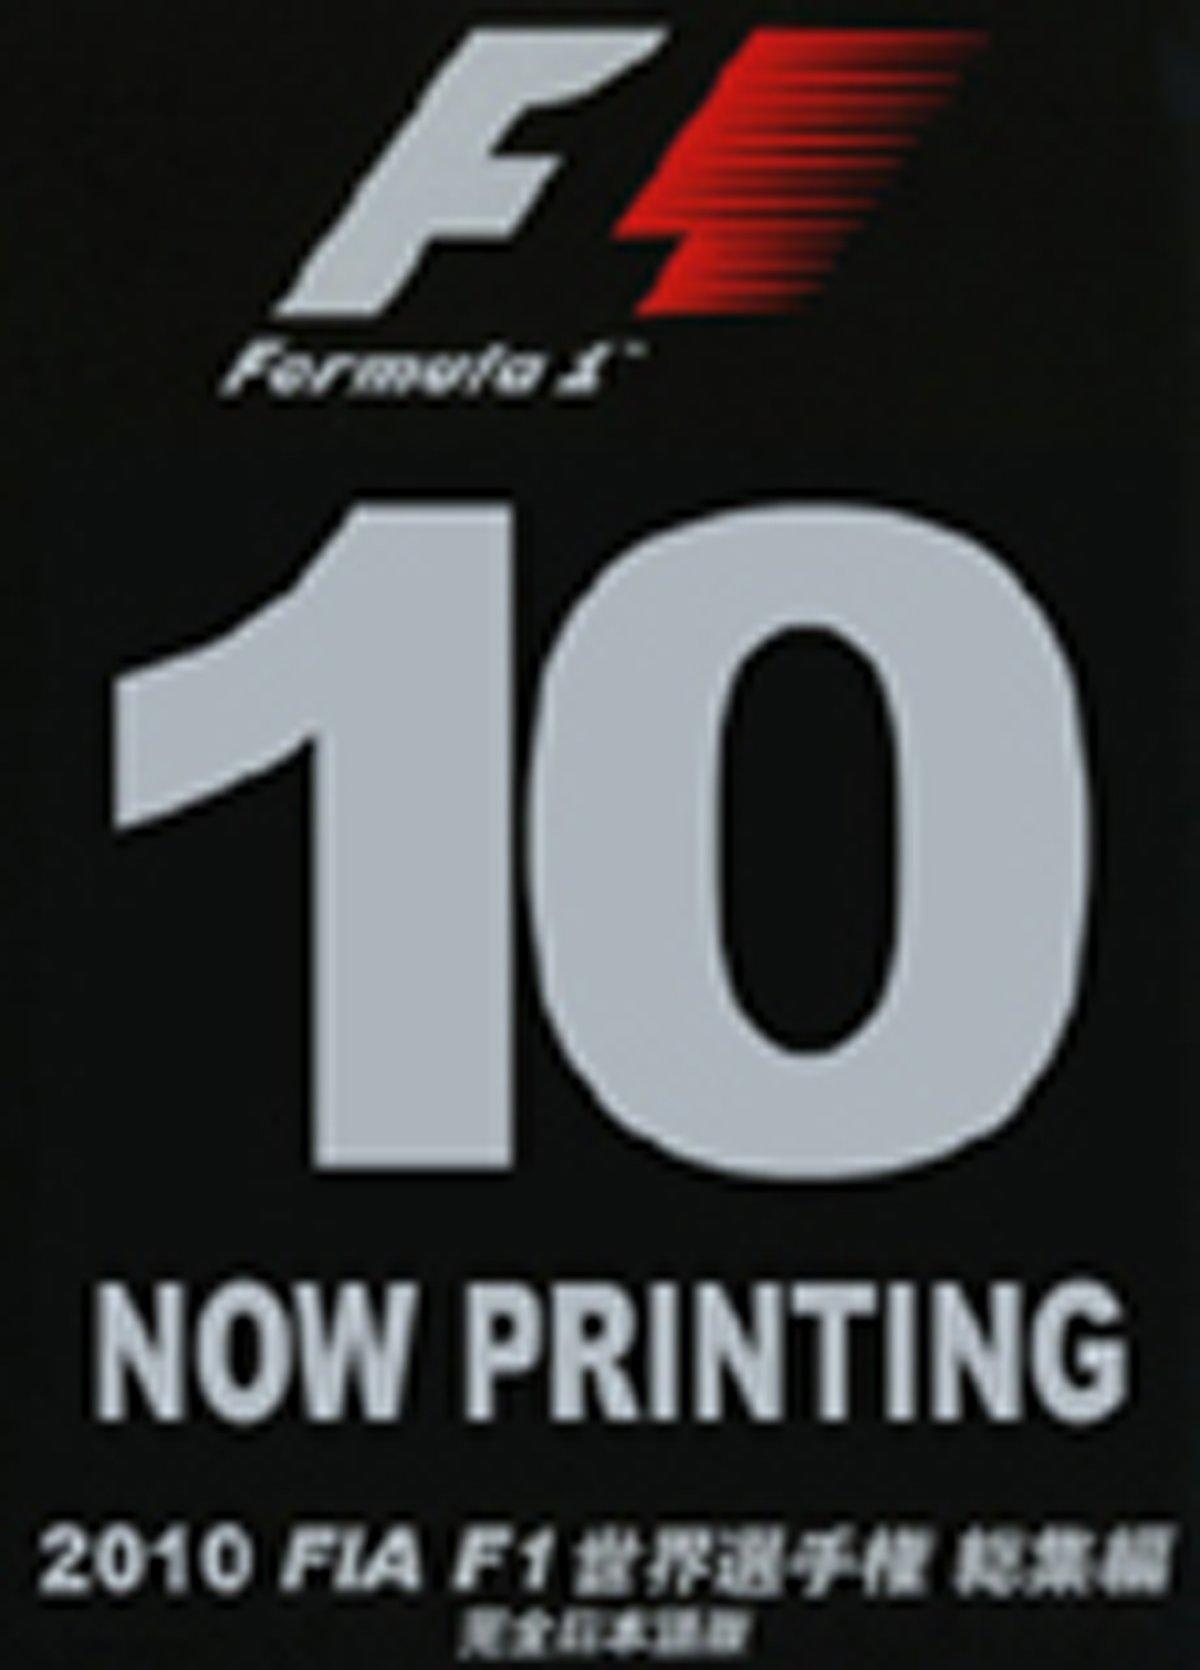 2010 FIA F1世界選手権総集編 完全日本語版 [DVD]